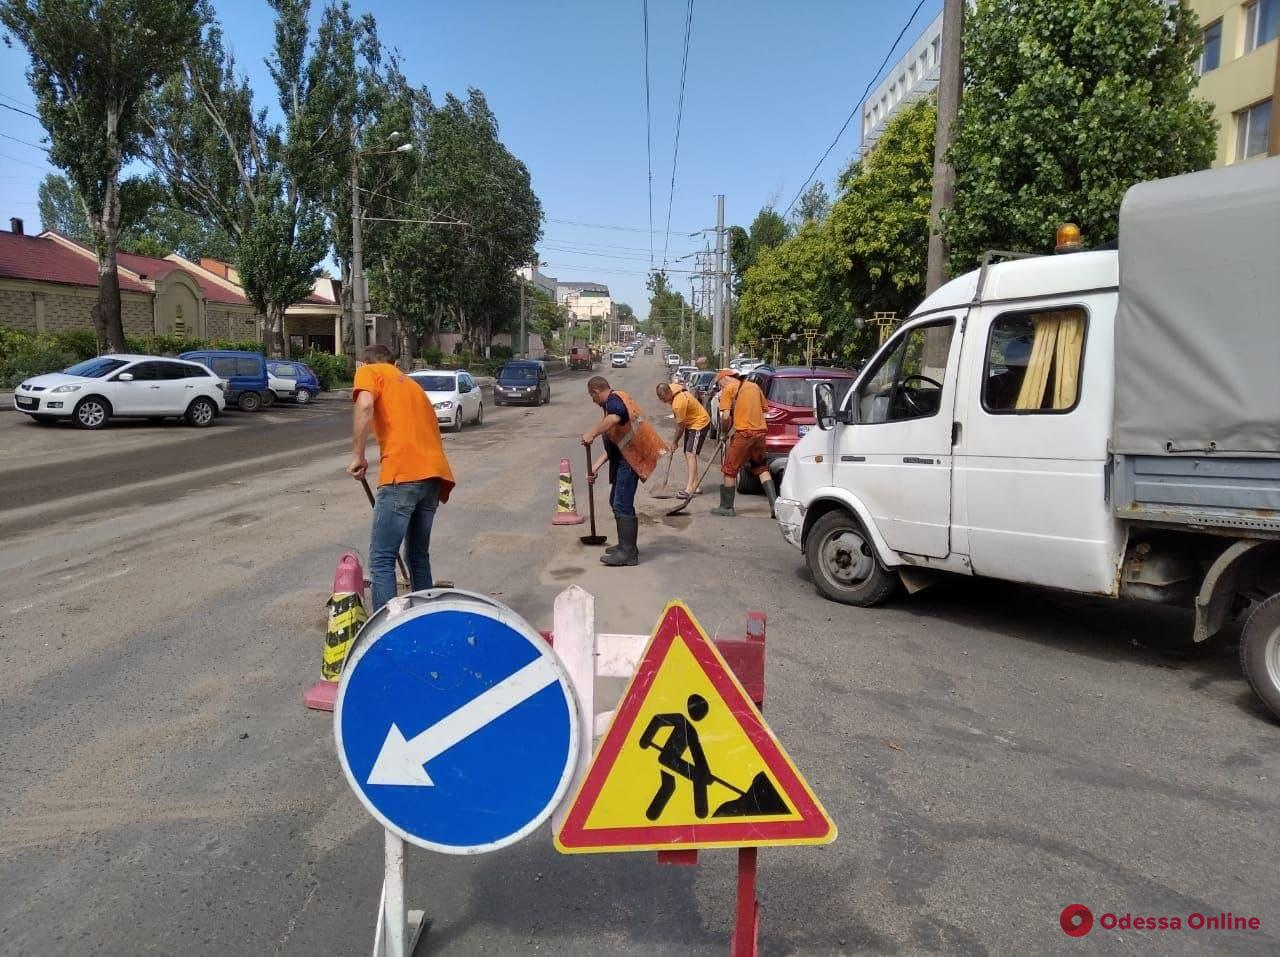 Потоп в Одессе: восстановлено движение на всех магистралях, кроме Атамана Головатого и Черноморского Казачества